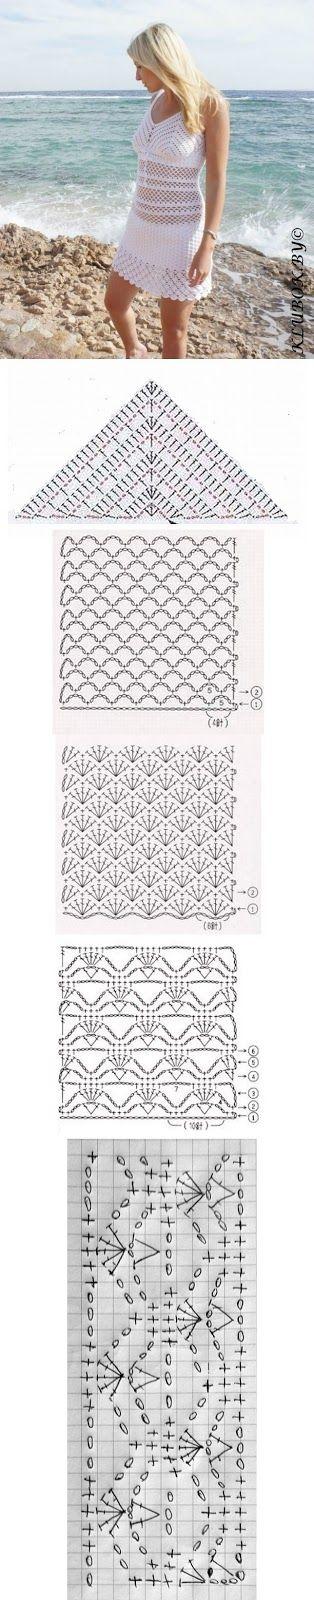 Luty Artes Crochet: Saída de praia em Crochê + Gráficos.                                                                                                                                                                                 Mais